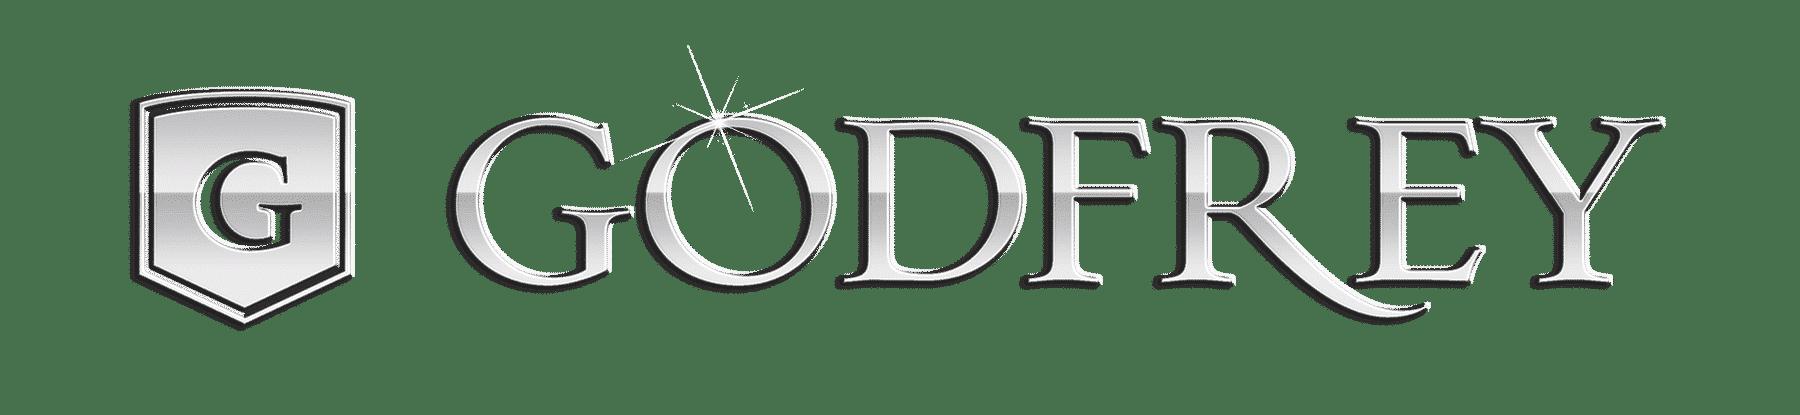 Godfrey-logo